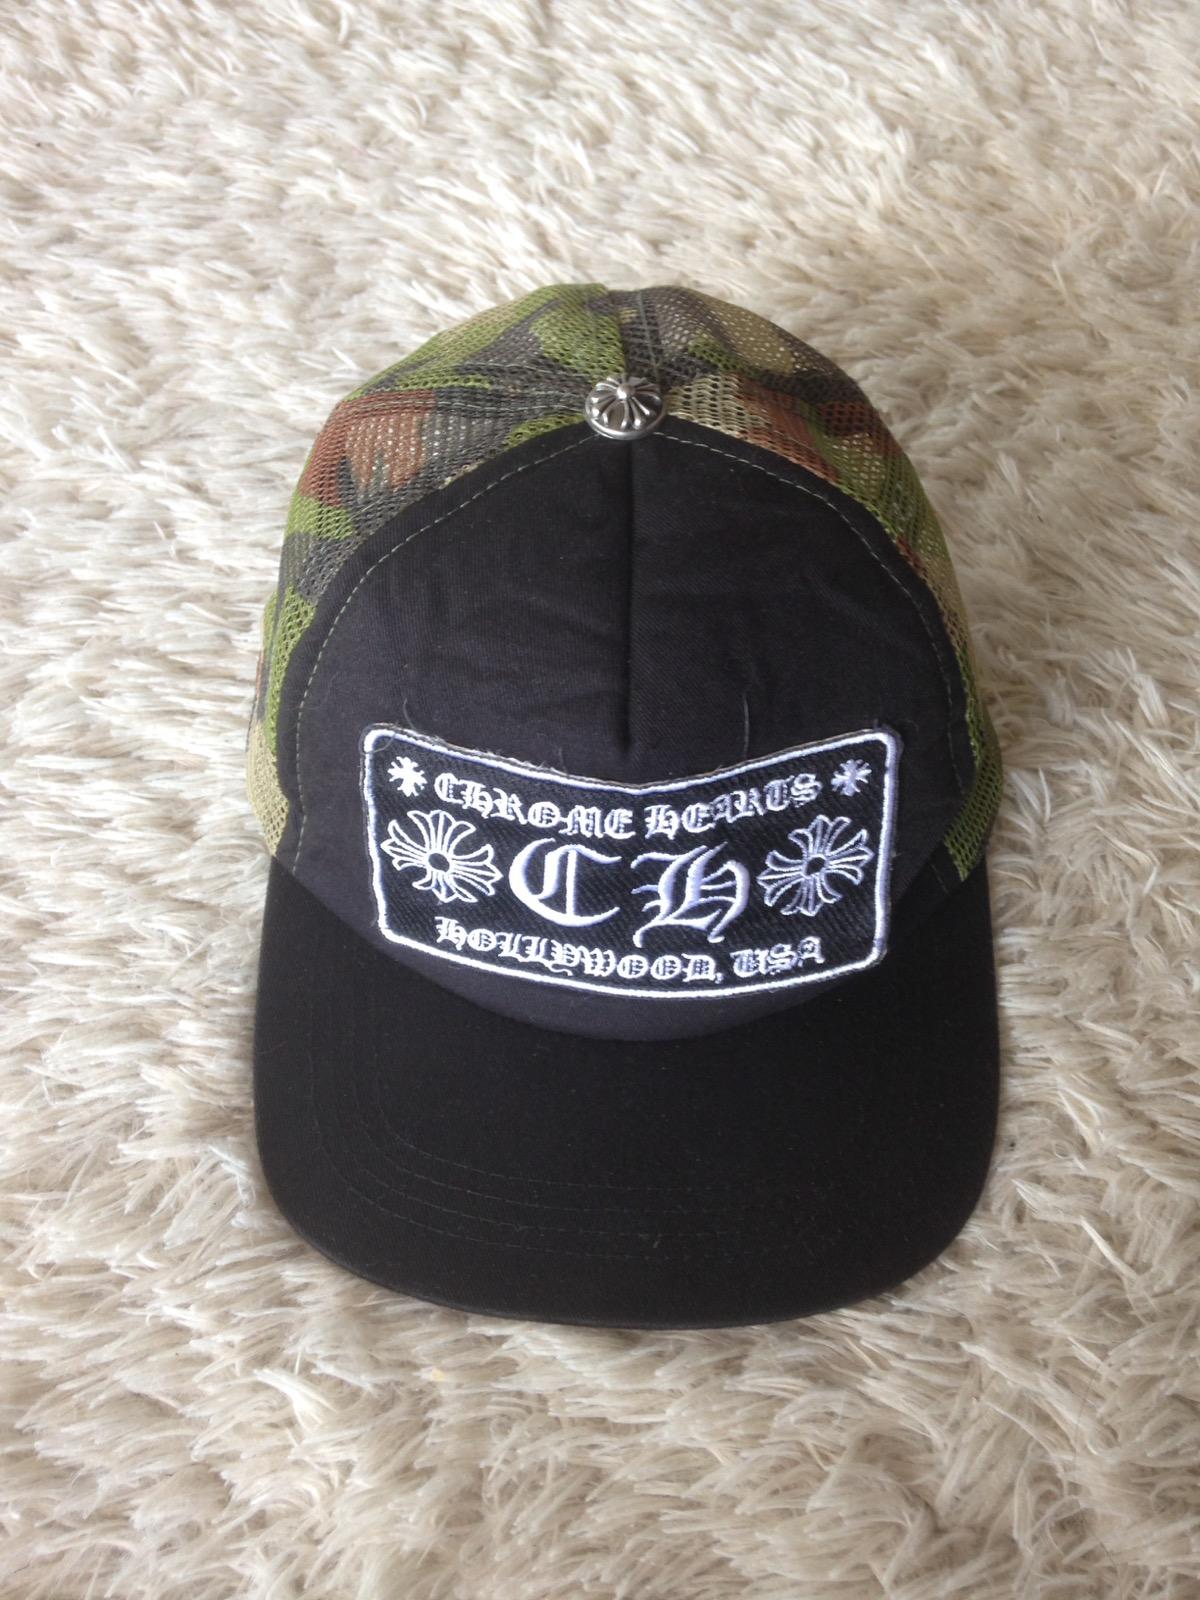 42e9aafa1 🔥Last Drop Before Delete🔥Camo Trucker Hat